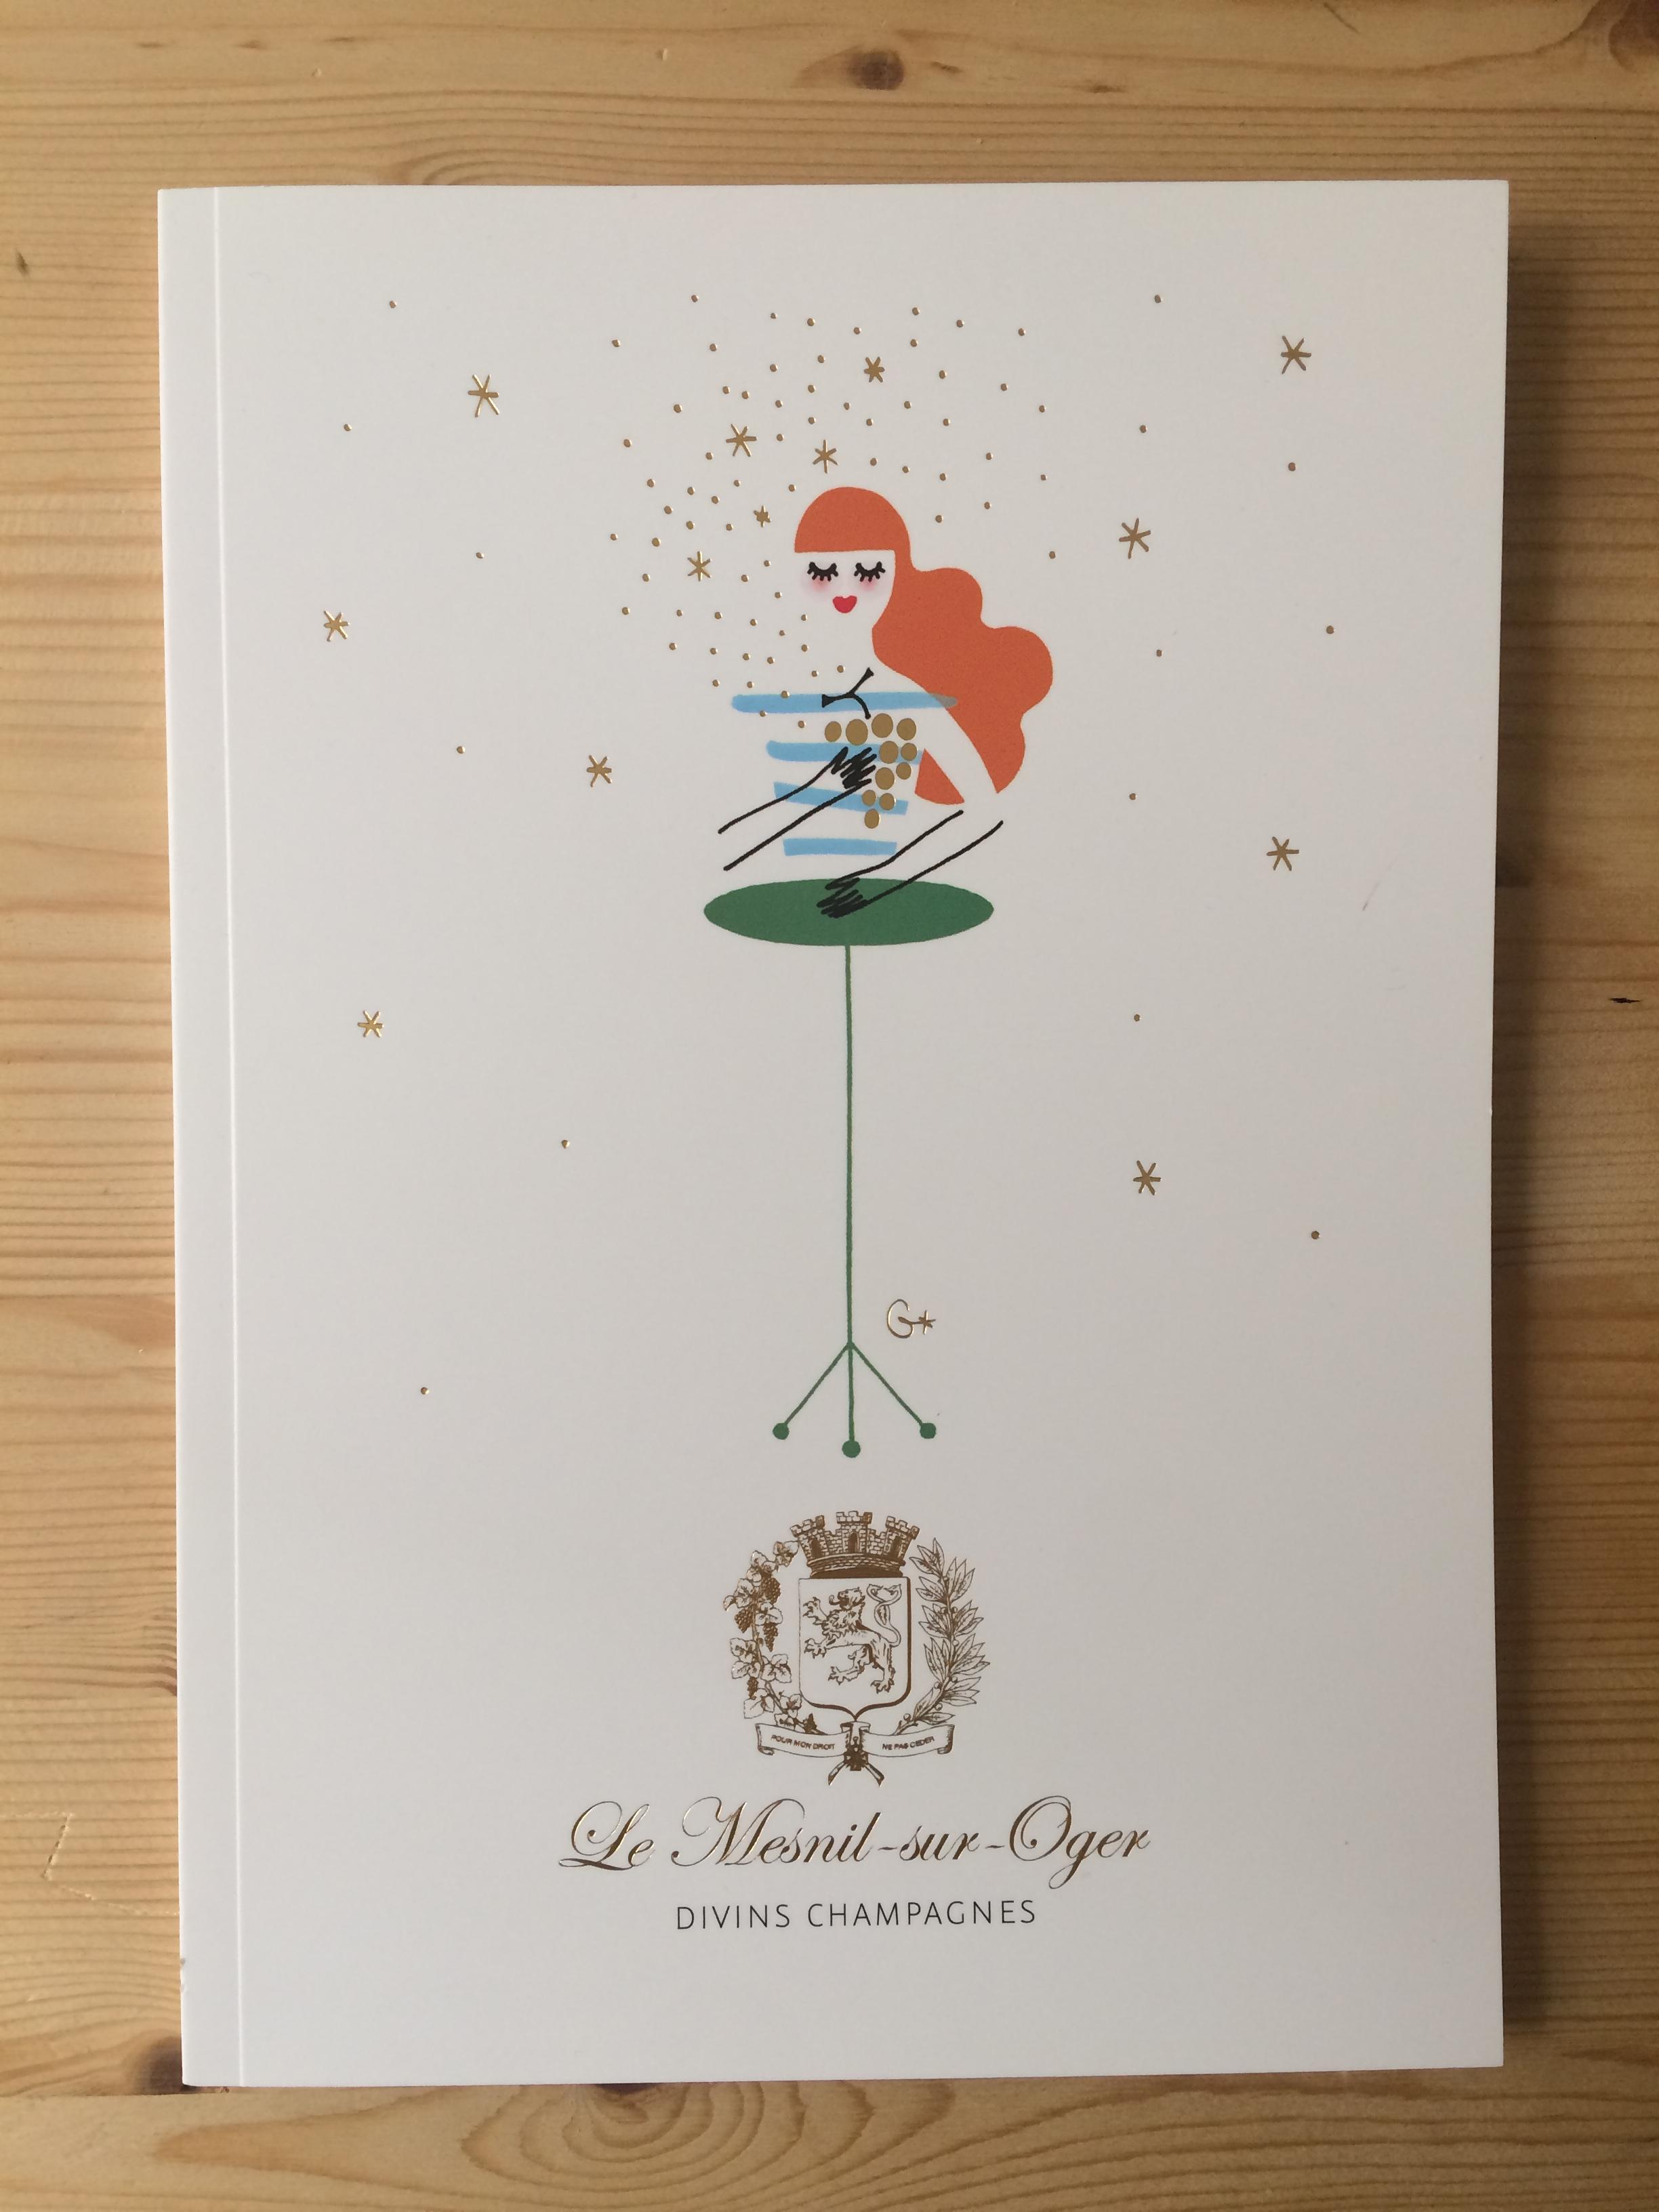 Livre Divins Champagnes mesnil sur oger